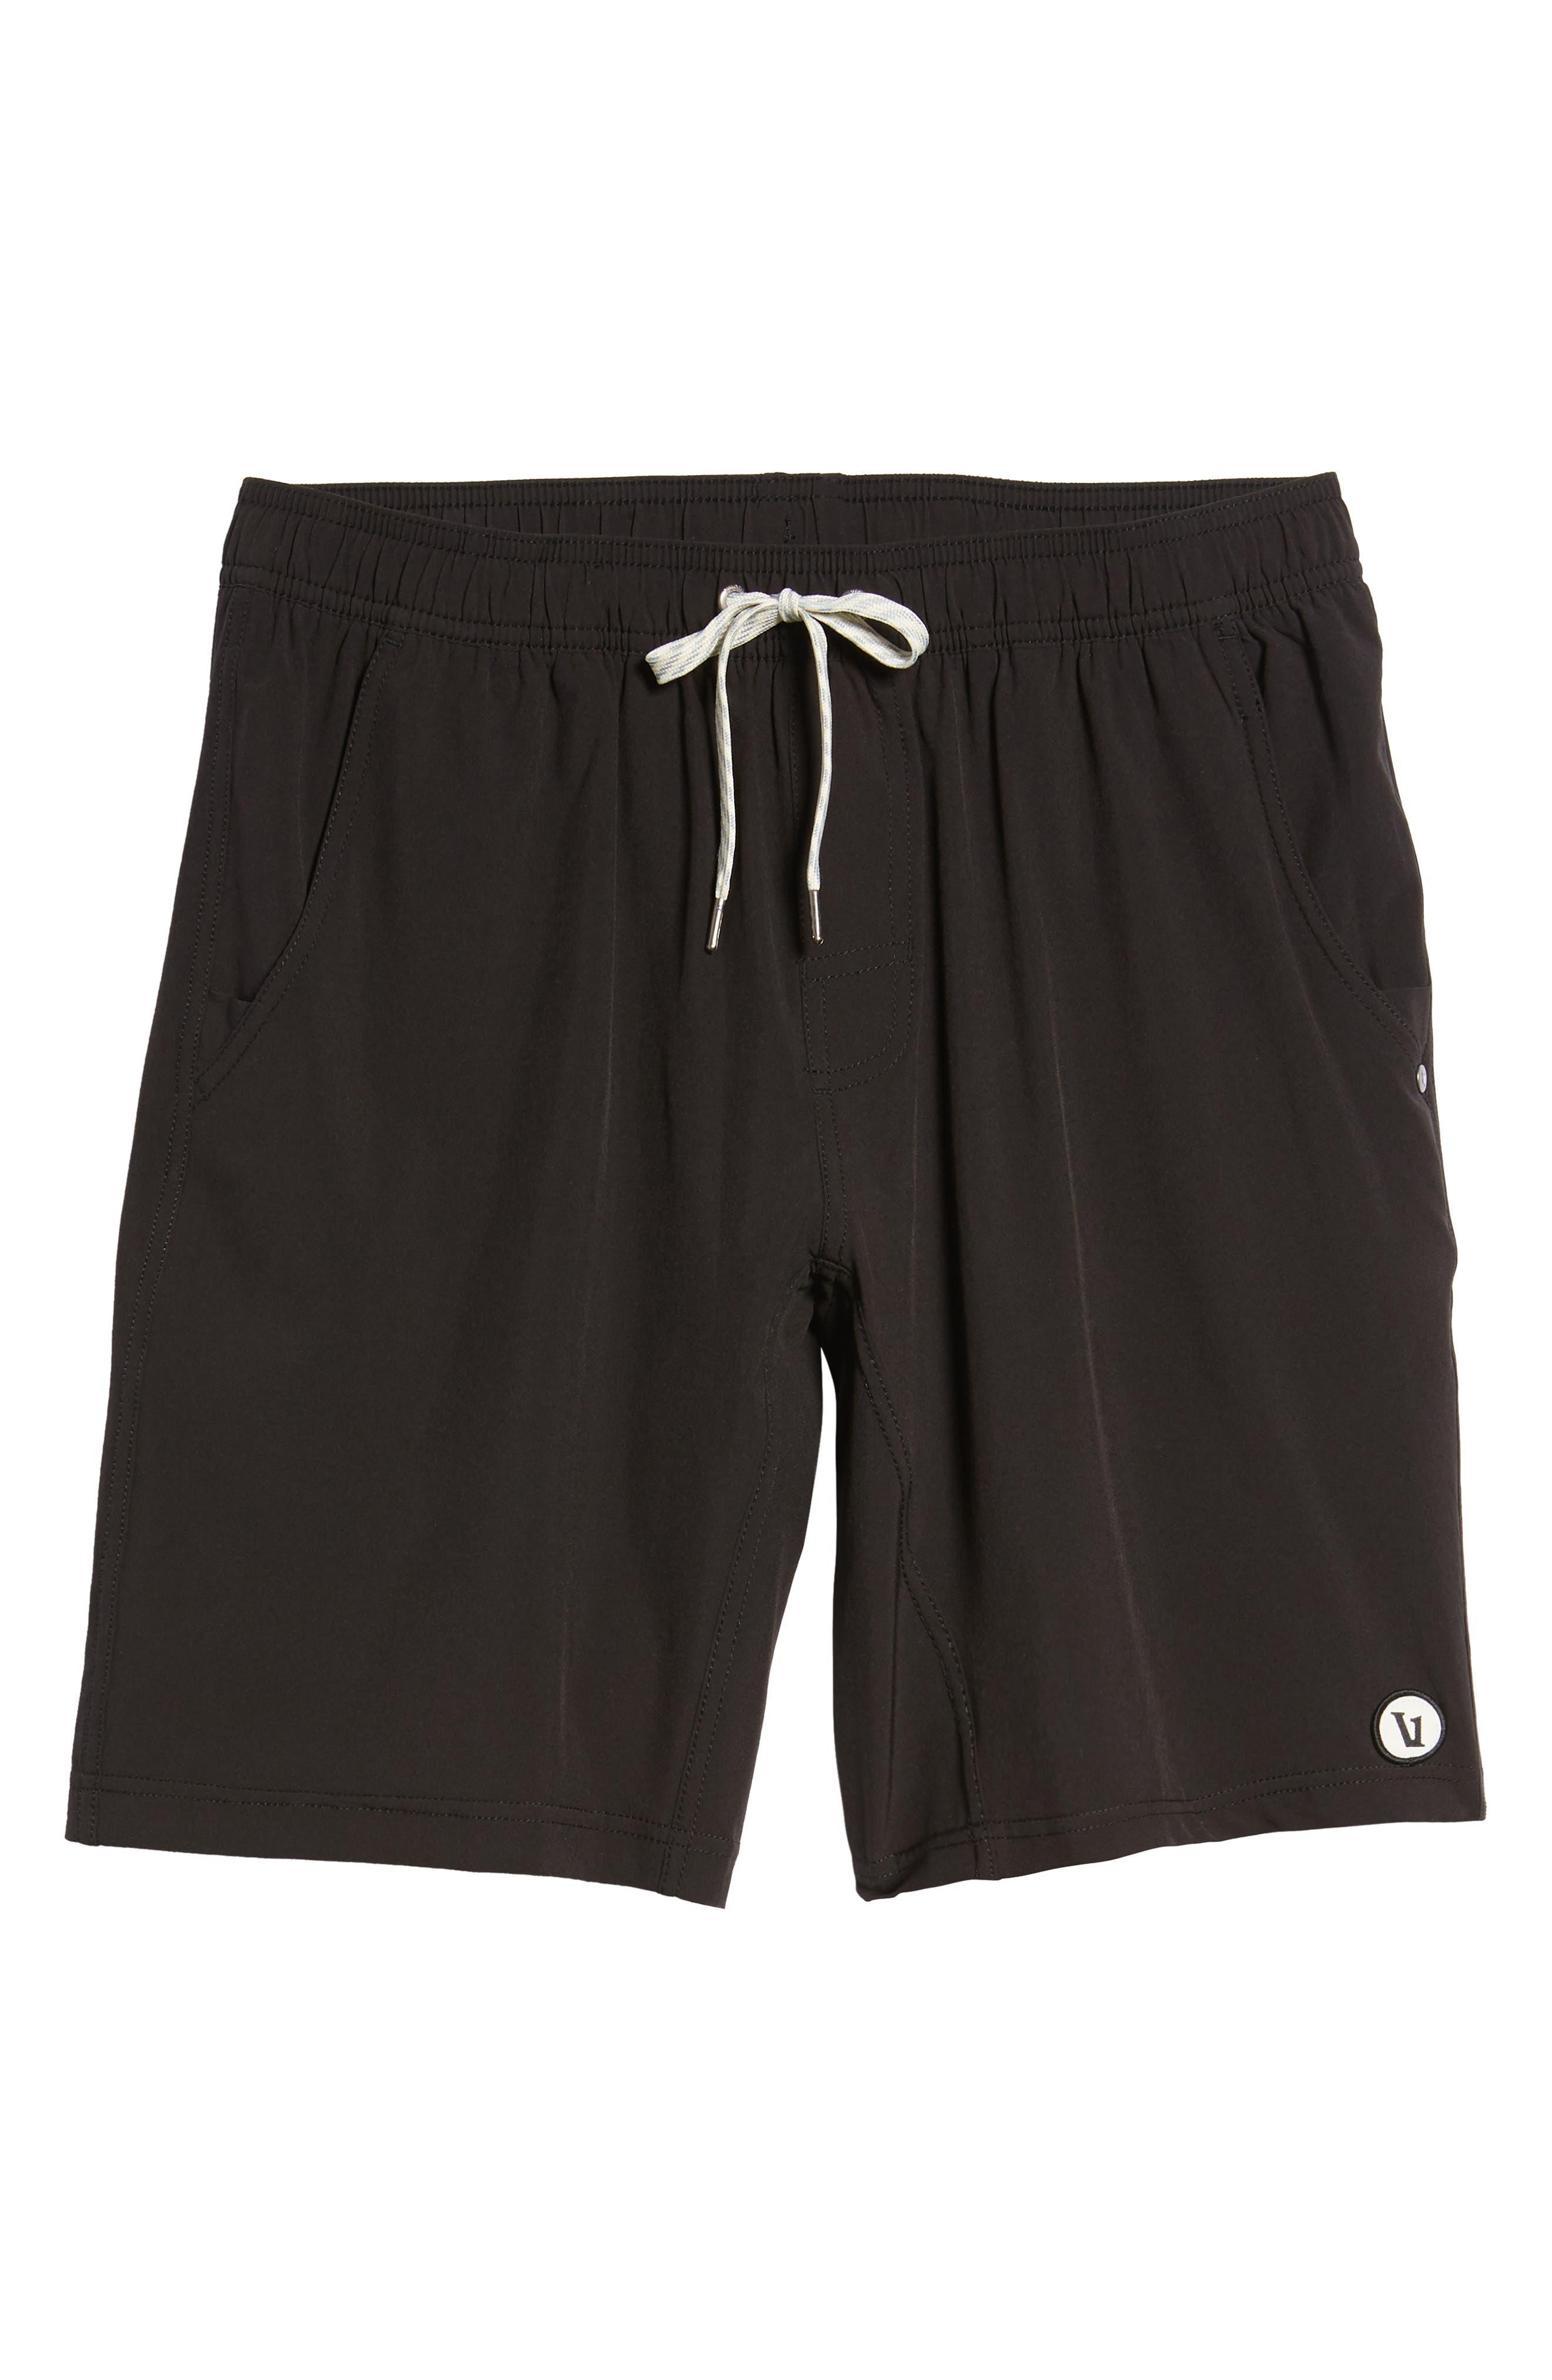 Kore Shorts,                             Alternate thumbnail 6, color,                             001